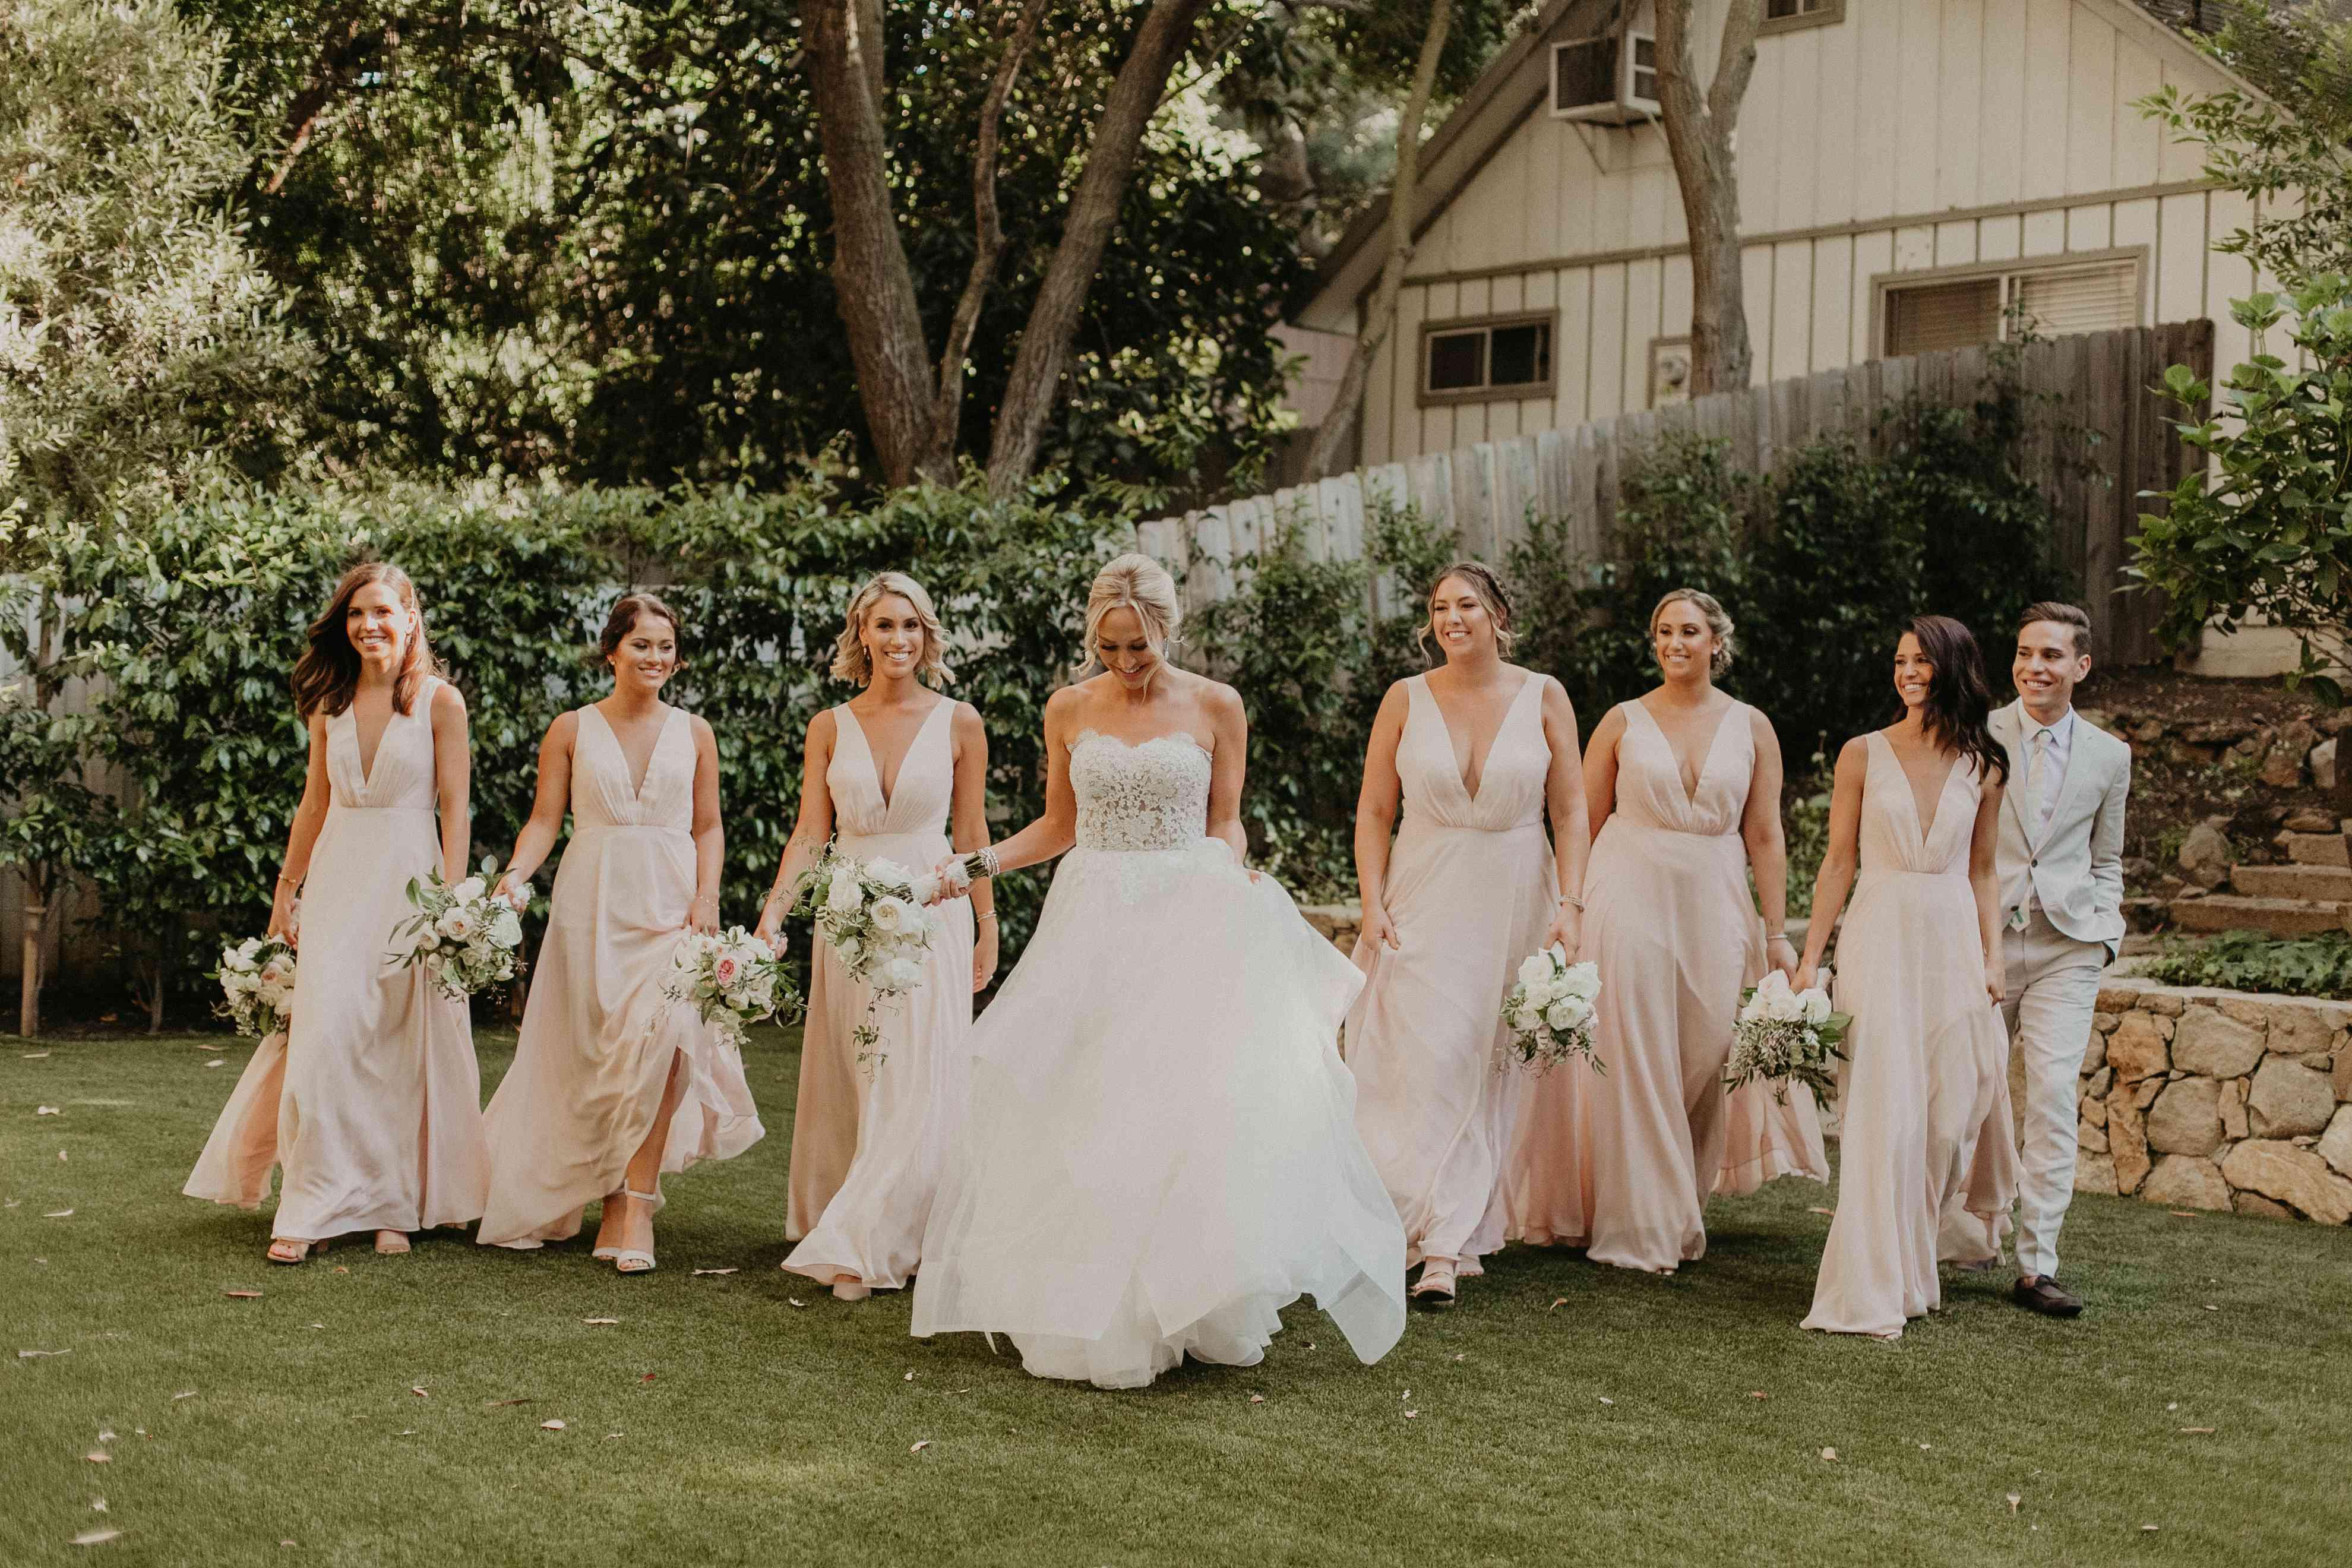 Baker Mayfield Wedding, bridesmaids